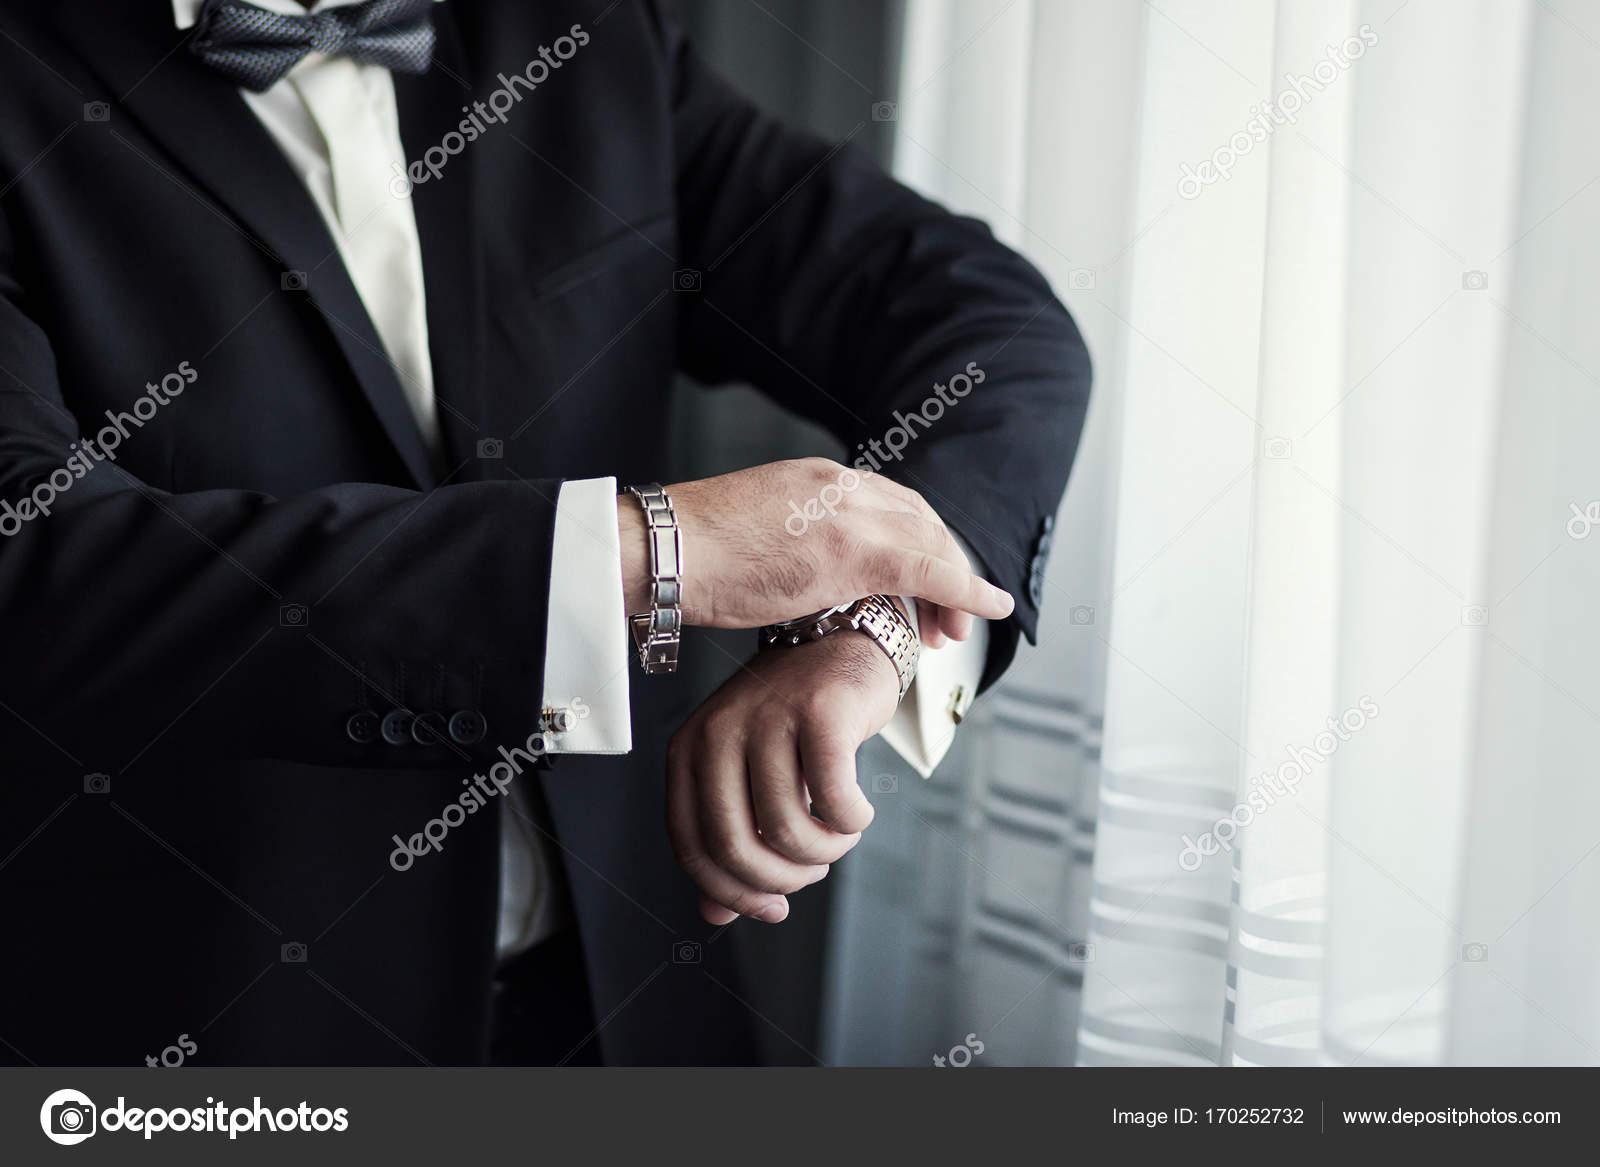 Veste De Porte Homme Une D'affaire Style Mâle L'homme Mains qapSAp